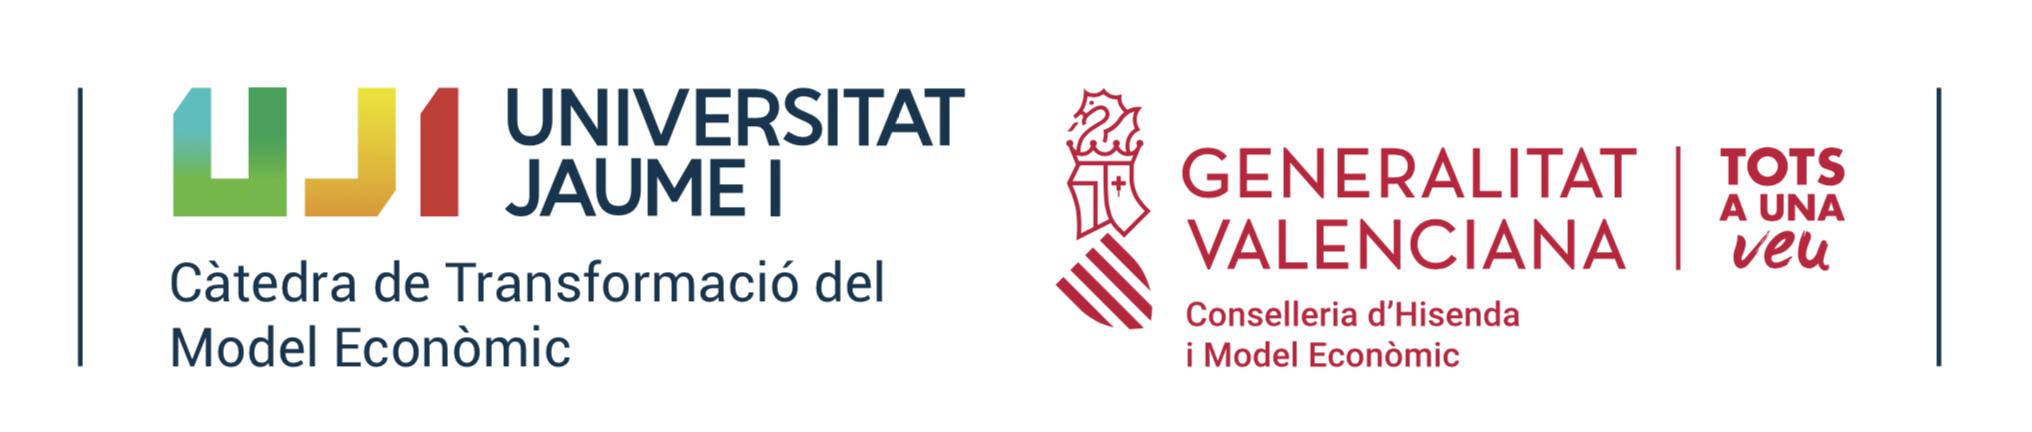 Cátedra de Transformació del Model Econòmic Logo